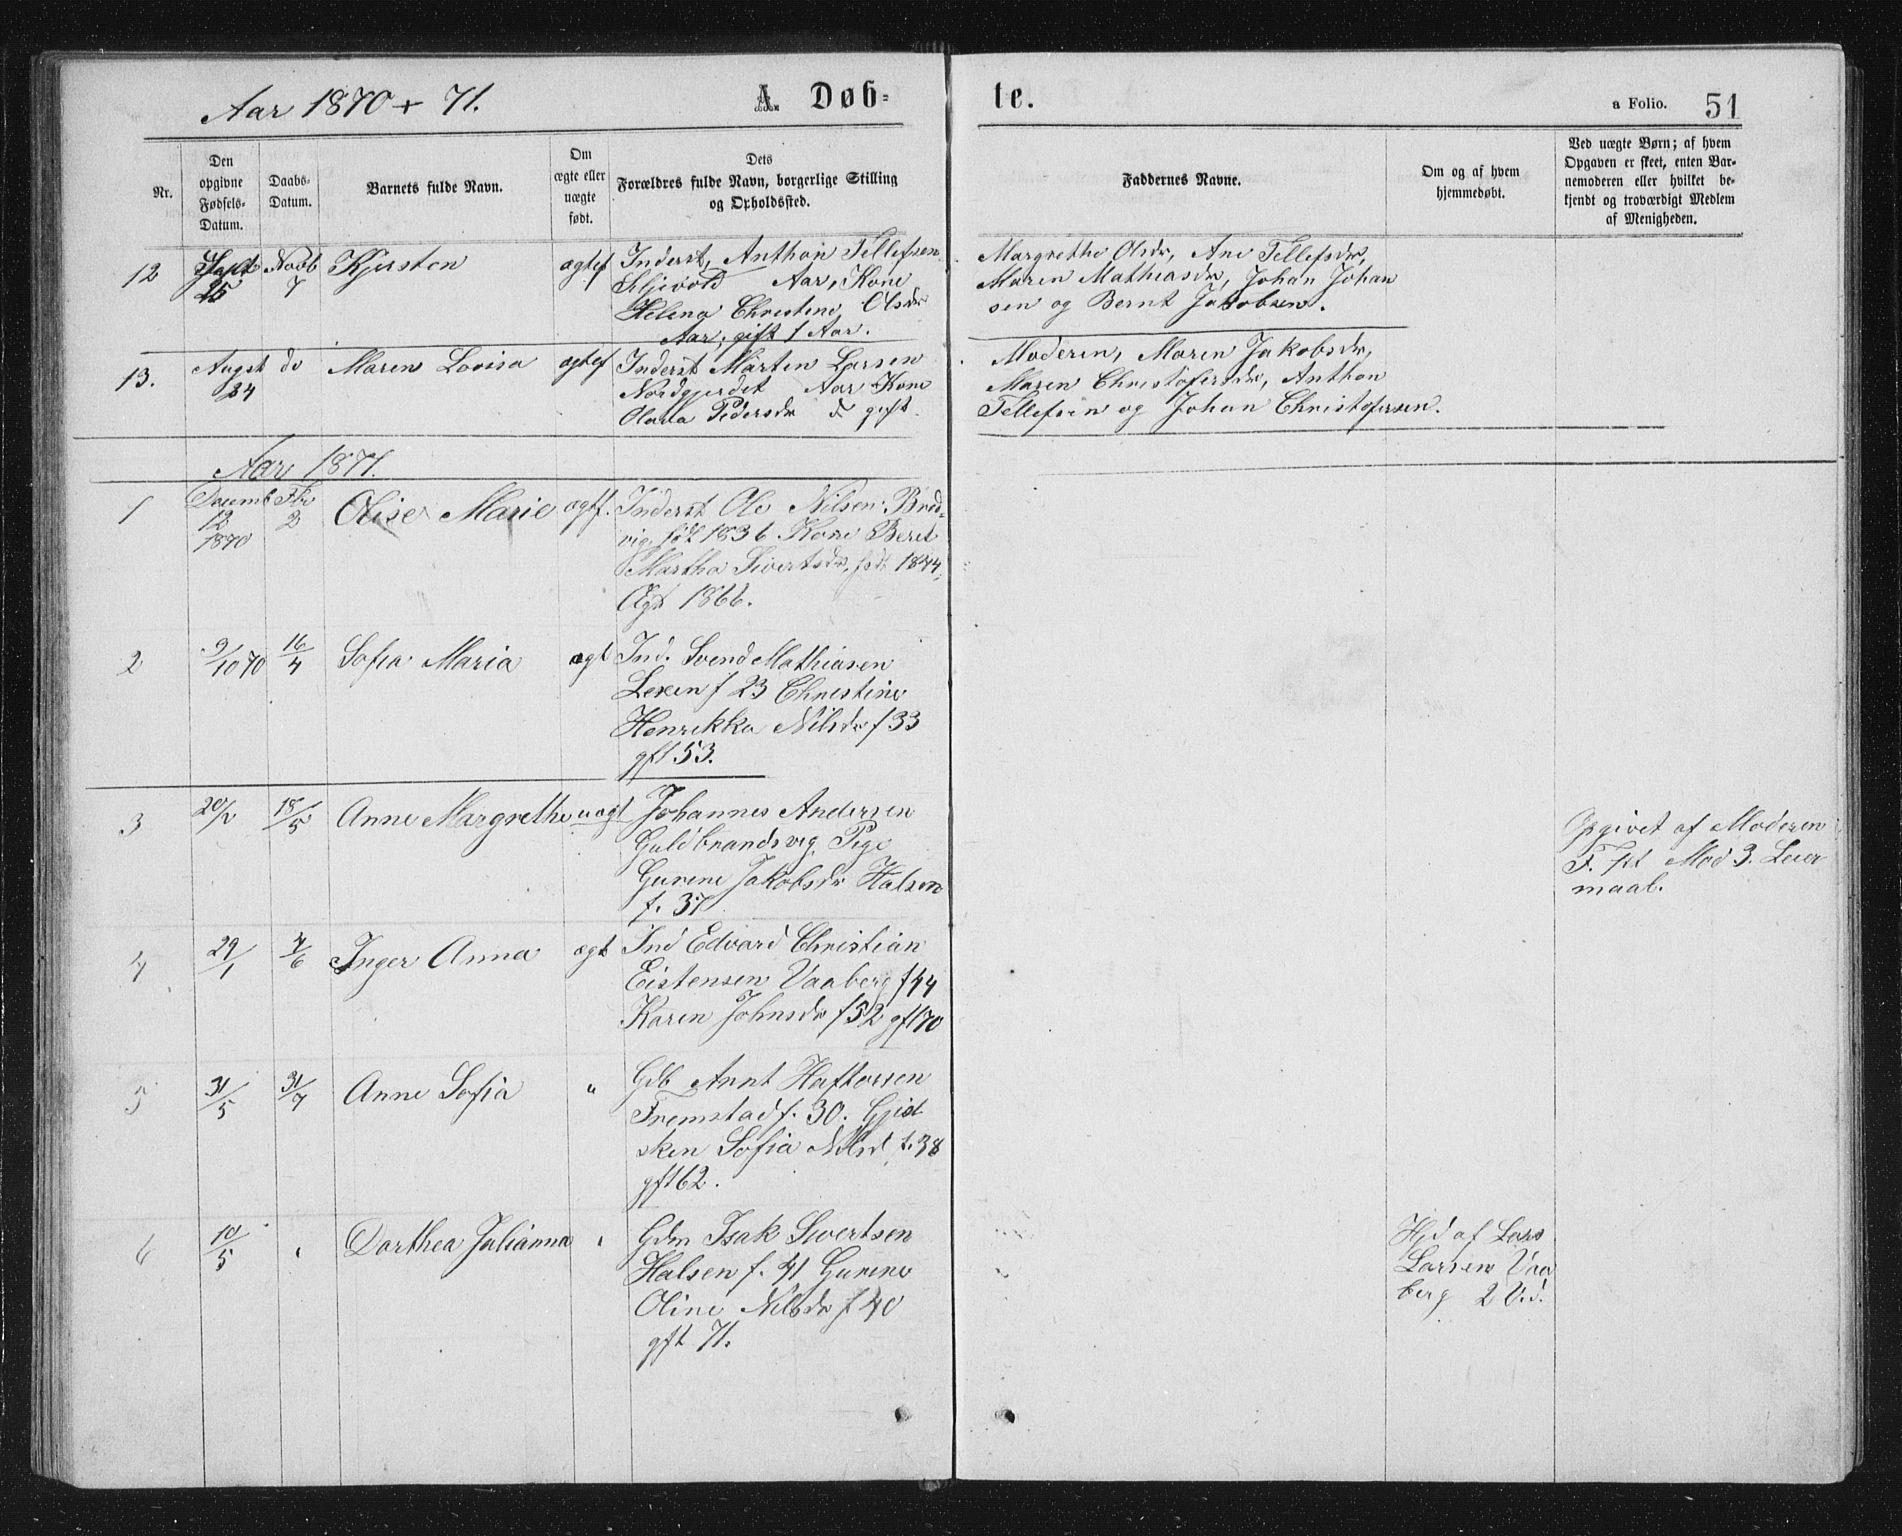 SAT, Ministerialprotokoller, klokkerbøker og fødselsregistre - Sør-Trøndelag, 662/L0756: Klokkerbok nr. 662C01, 1869-1891, s. 51